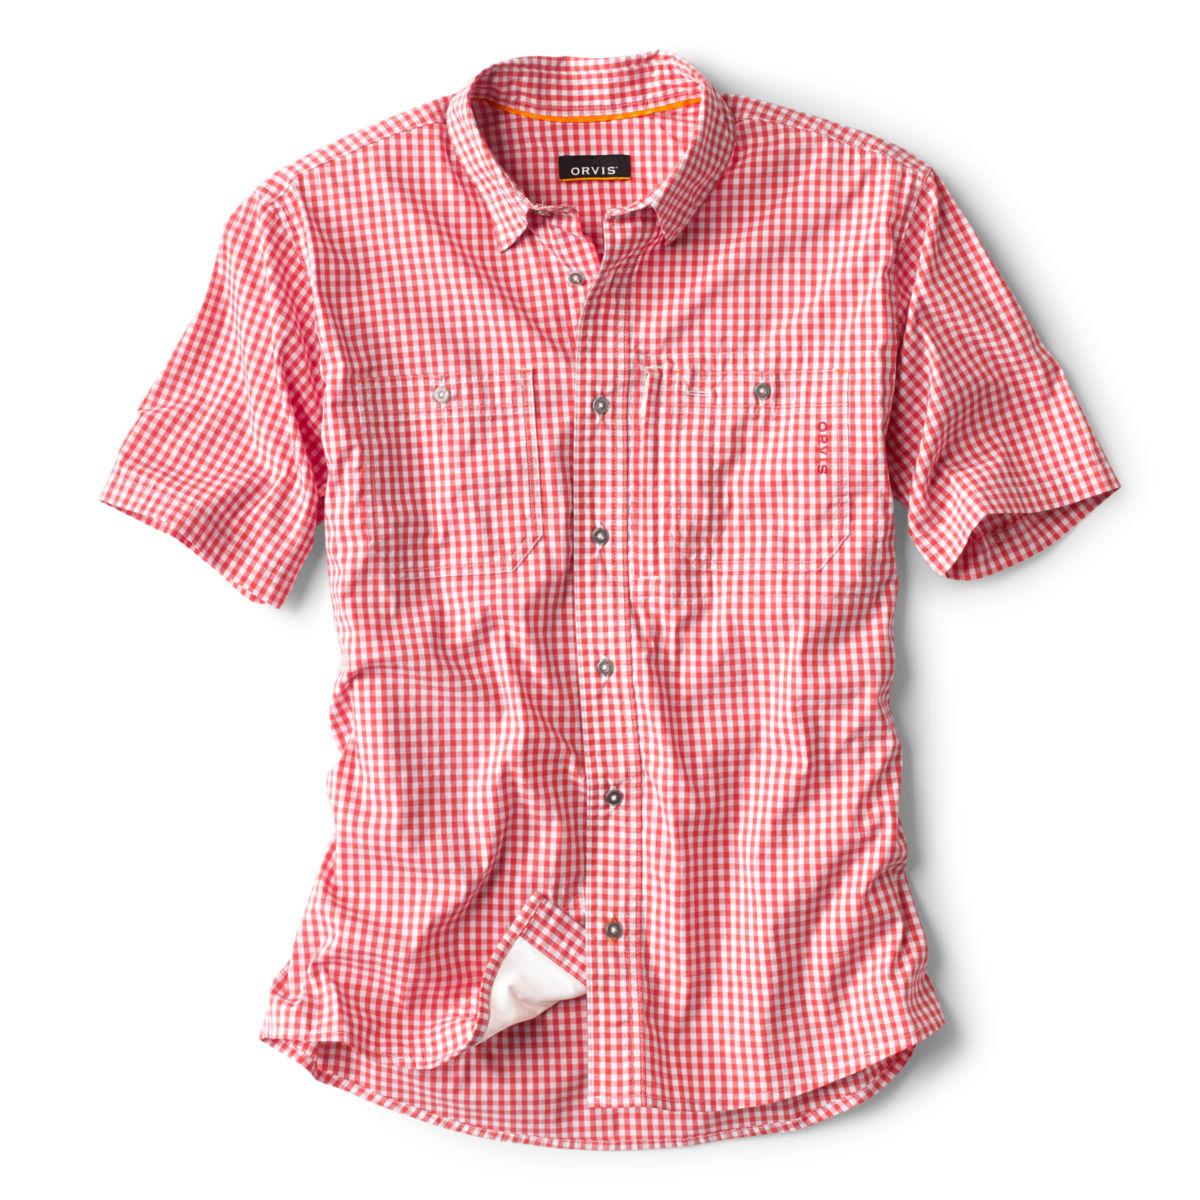 River Guide Short-Sleeved Shirt - PAPRIKAimage number 0